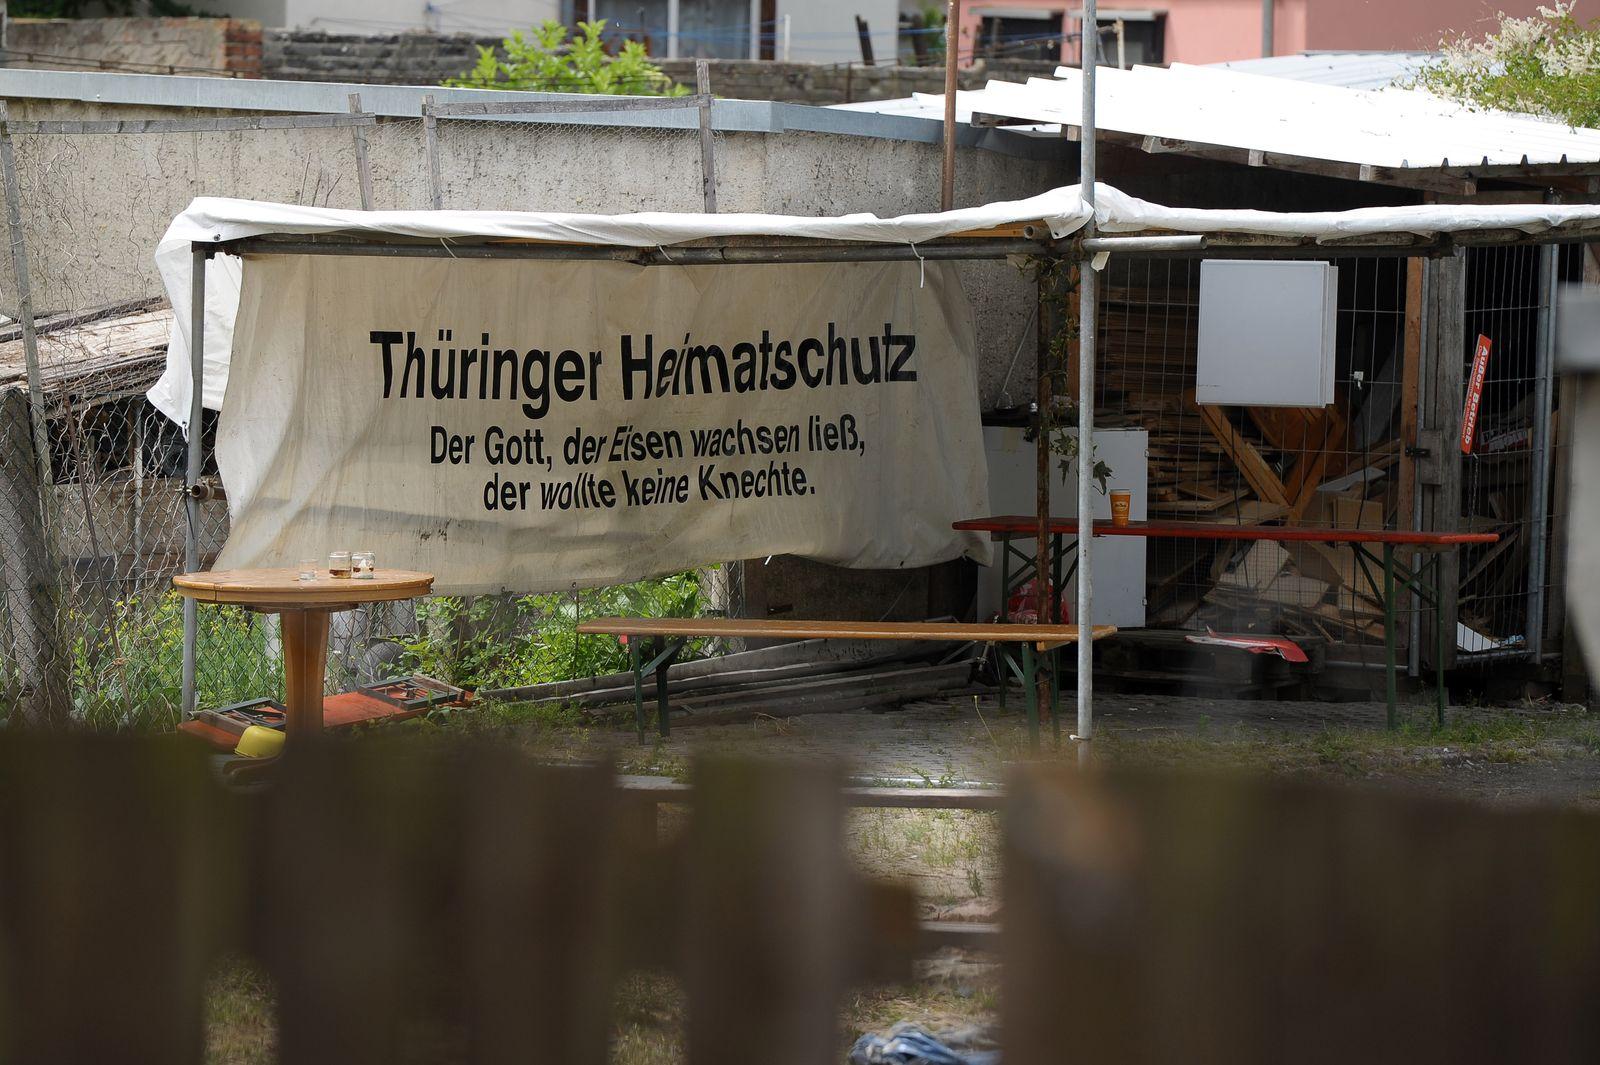 NICHT VERWENDEN Razzia gegen Neonazis in Thueringen/ Heimatschutz